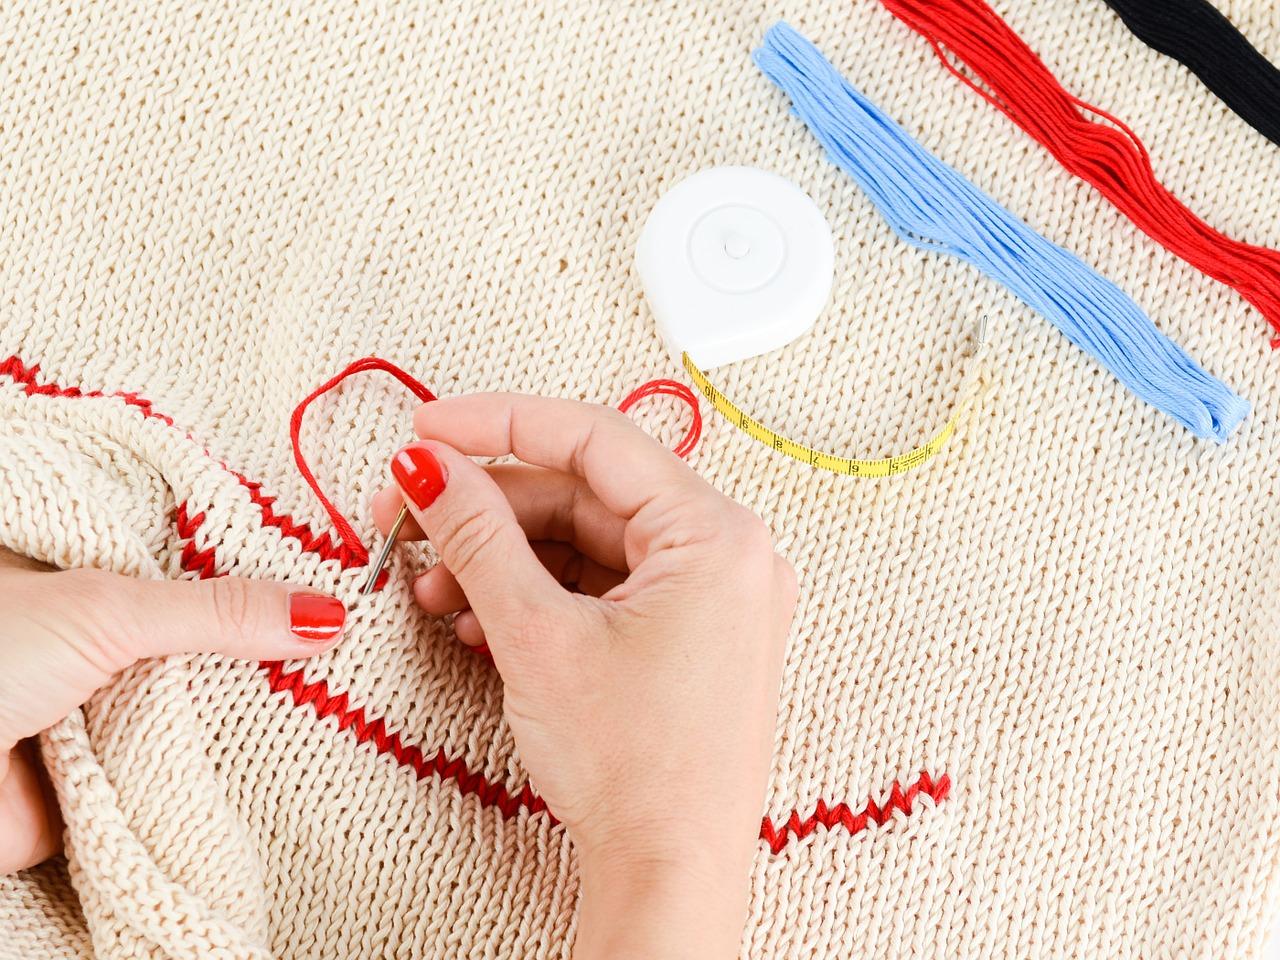 やり方ひとつで初心者でも服の刺繍が出来る!簡単なやり方とは